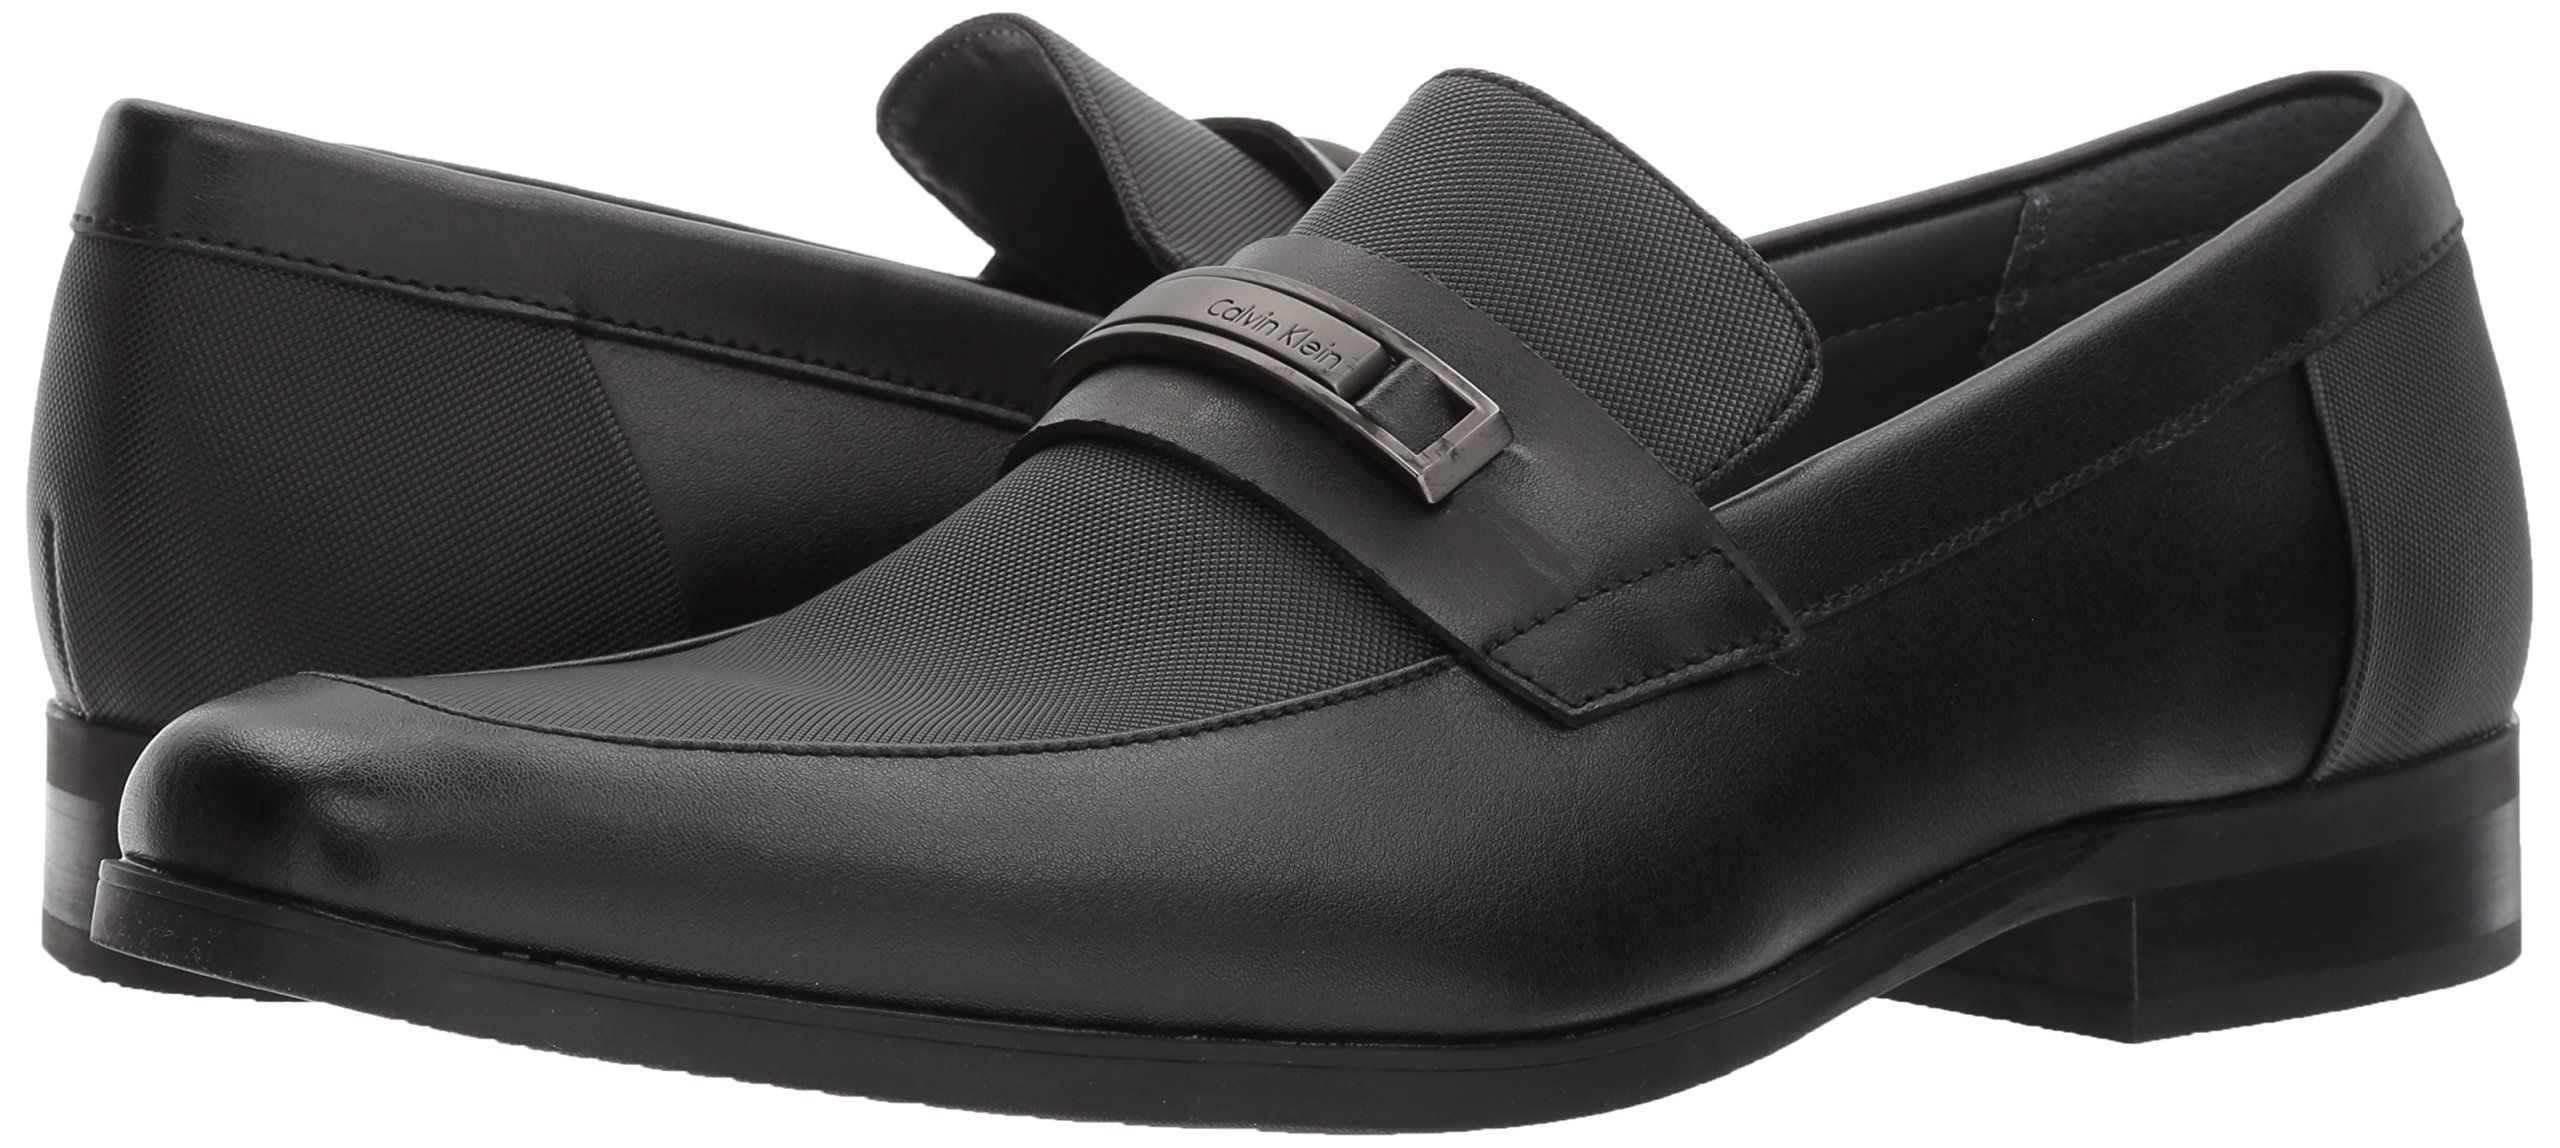 df14868ab Calvin Klein Mens Jameson Soft Leather/City Emboss SlipOn Loafer ...